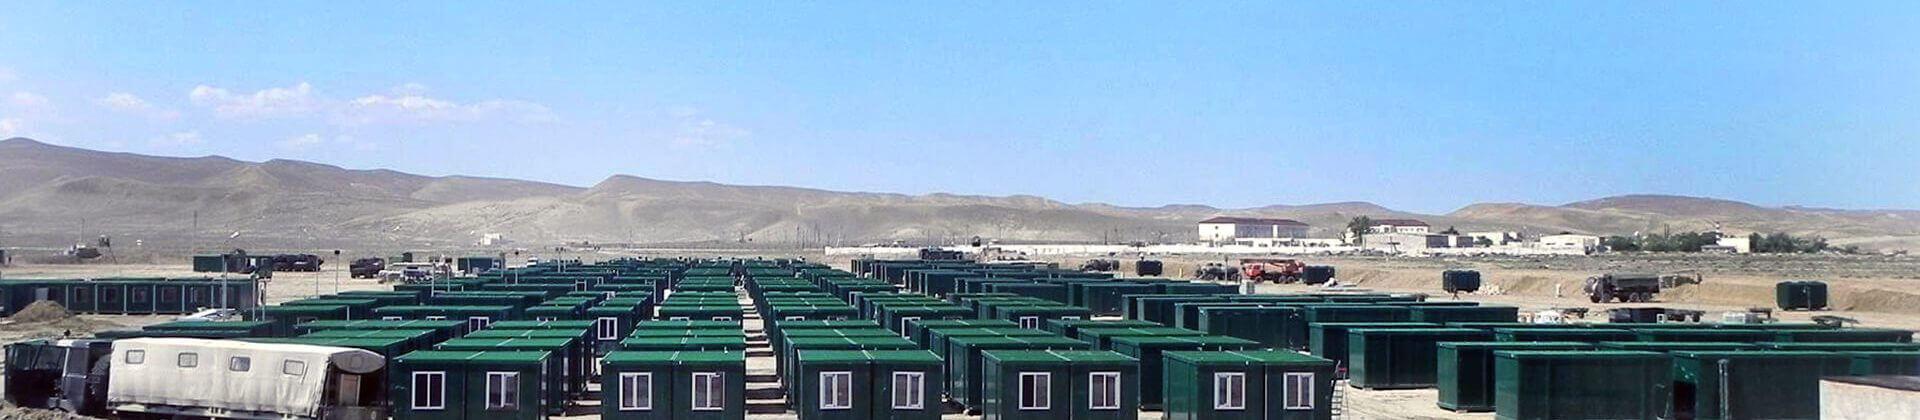 askeri-kamp-01